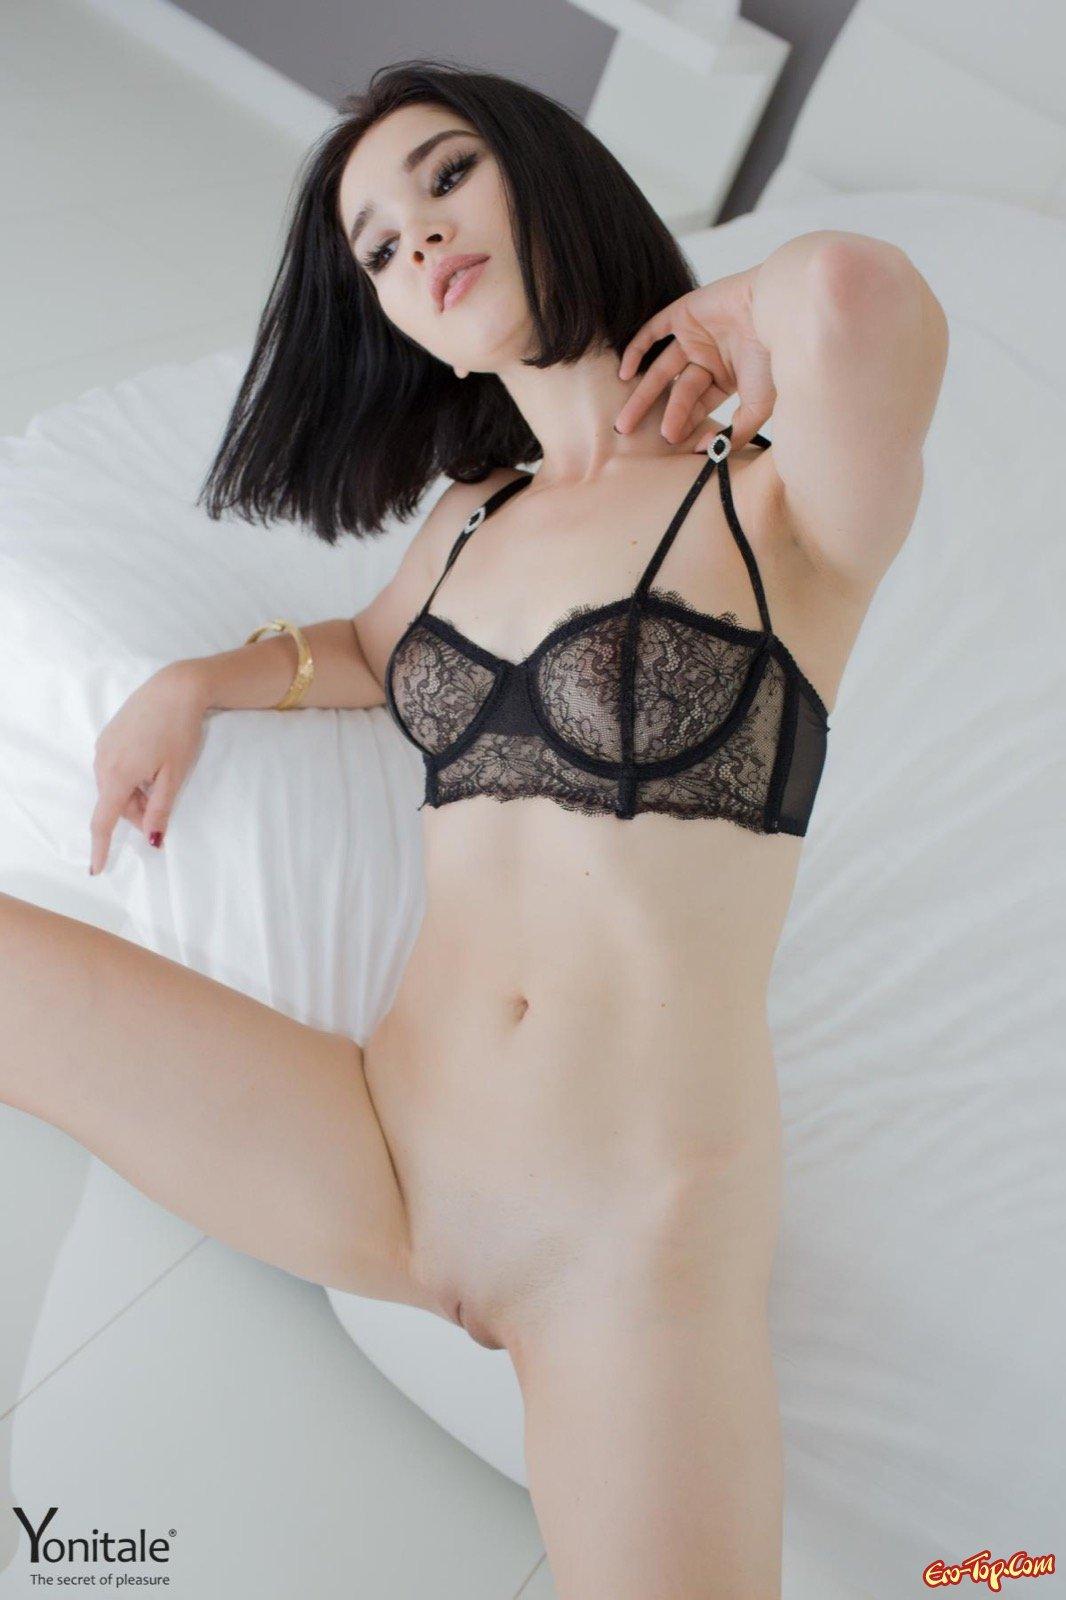 Сучка сняла нижнее бель и позирует в койке секс фото